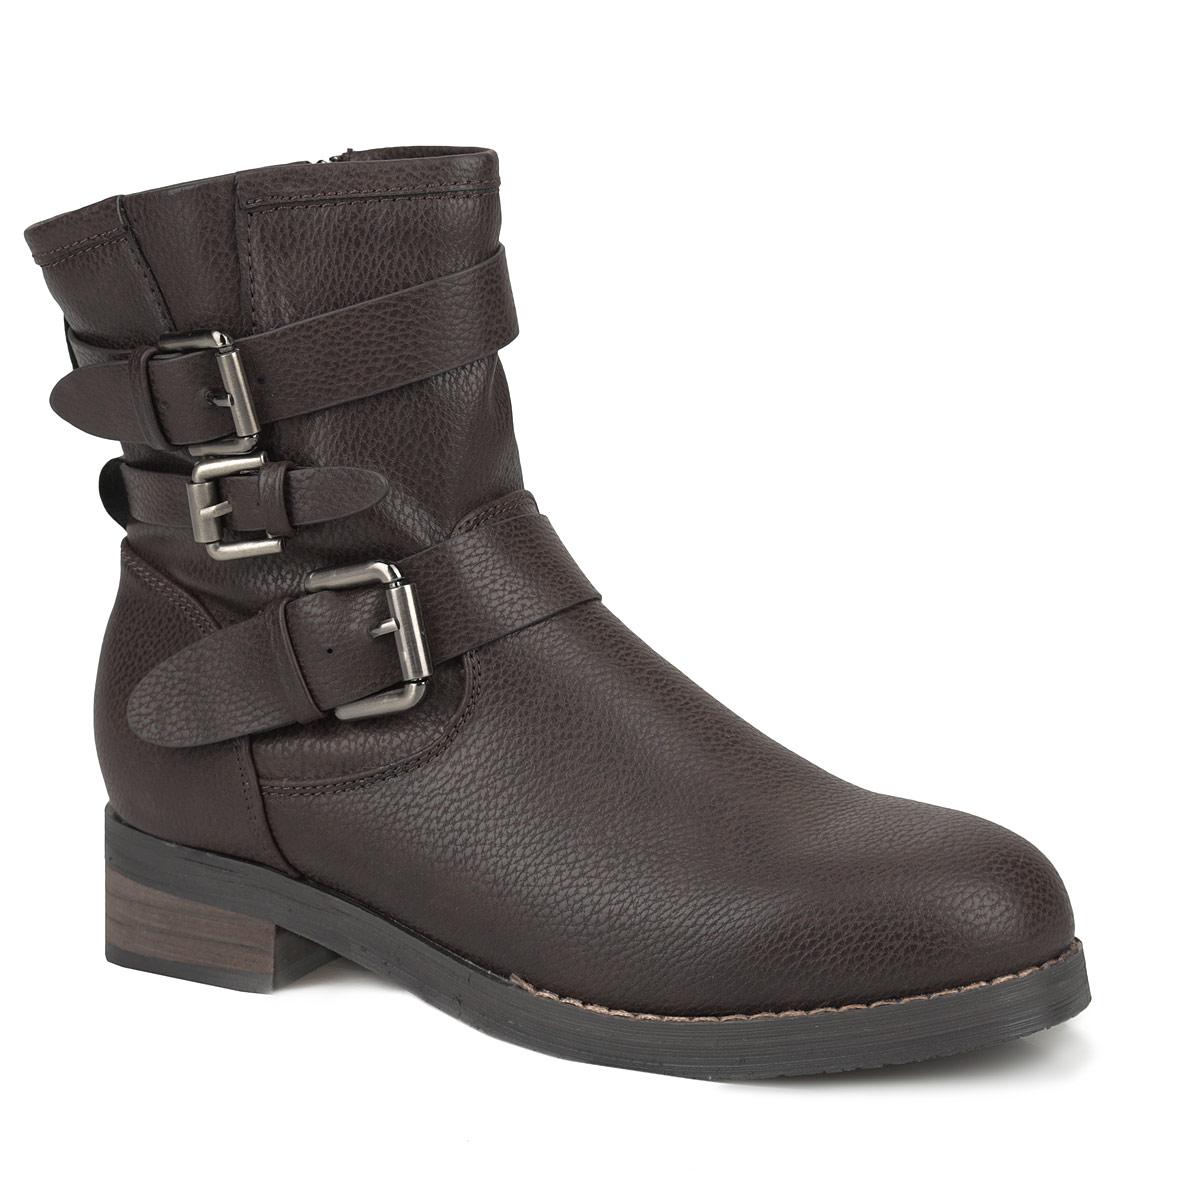 Ботинки женские. YA3-037-01 KXYA3-037-01 KXУдобные ботинки от Yaro займут достойное место в вашем гардеробе. Модель выполнена из искусственной кожи и оформлена фактурным тиснением, лаконичной прострочкой, тремя декоративными ремешками с металлическими пряжками (один ремешок расположен на подъеме, два ремешка, пропущенные через шлевки на заднем ремне, украшают голенище). Ботинки застегиваются при помощи застежки-молнии, расположенной на одной из боковых сторон. Подкладка и стелька из байки согреют ваши ноги в холодную погоду. Умеренной высоты каблук стилизован под дерево. Рифленая поверхность подошвы гарантирует отличное сцепление с любыми поверхностями. В таких ботинках вы всегда будете чувствовать себя уютно и комфортно!